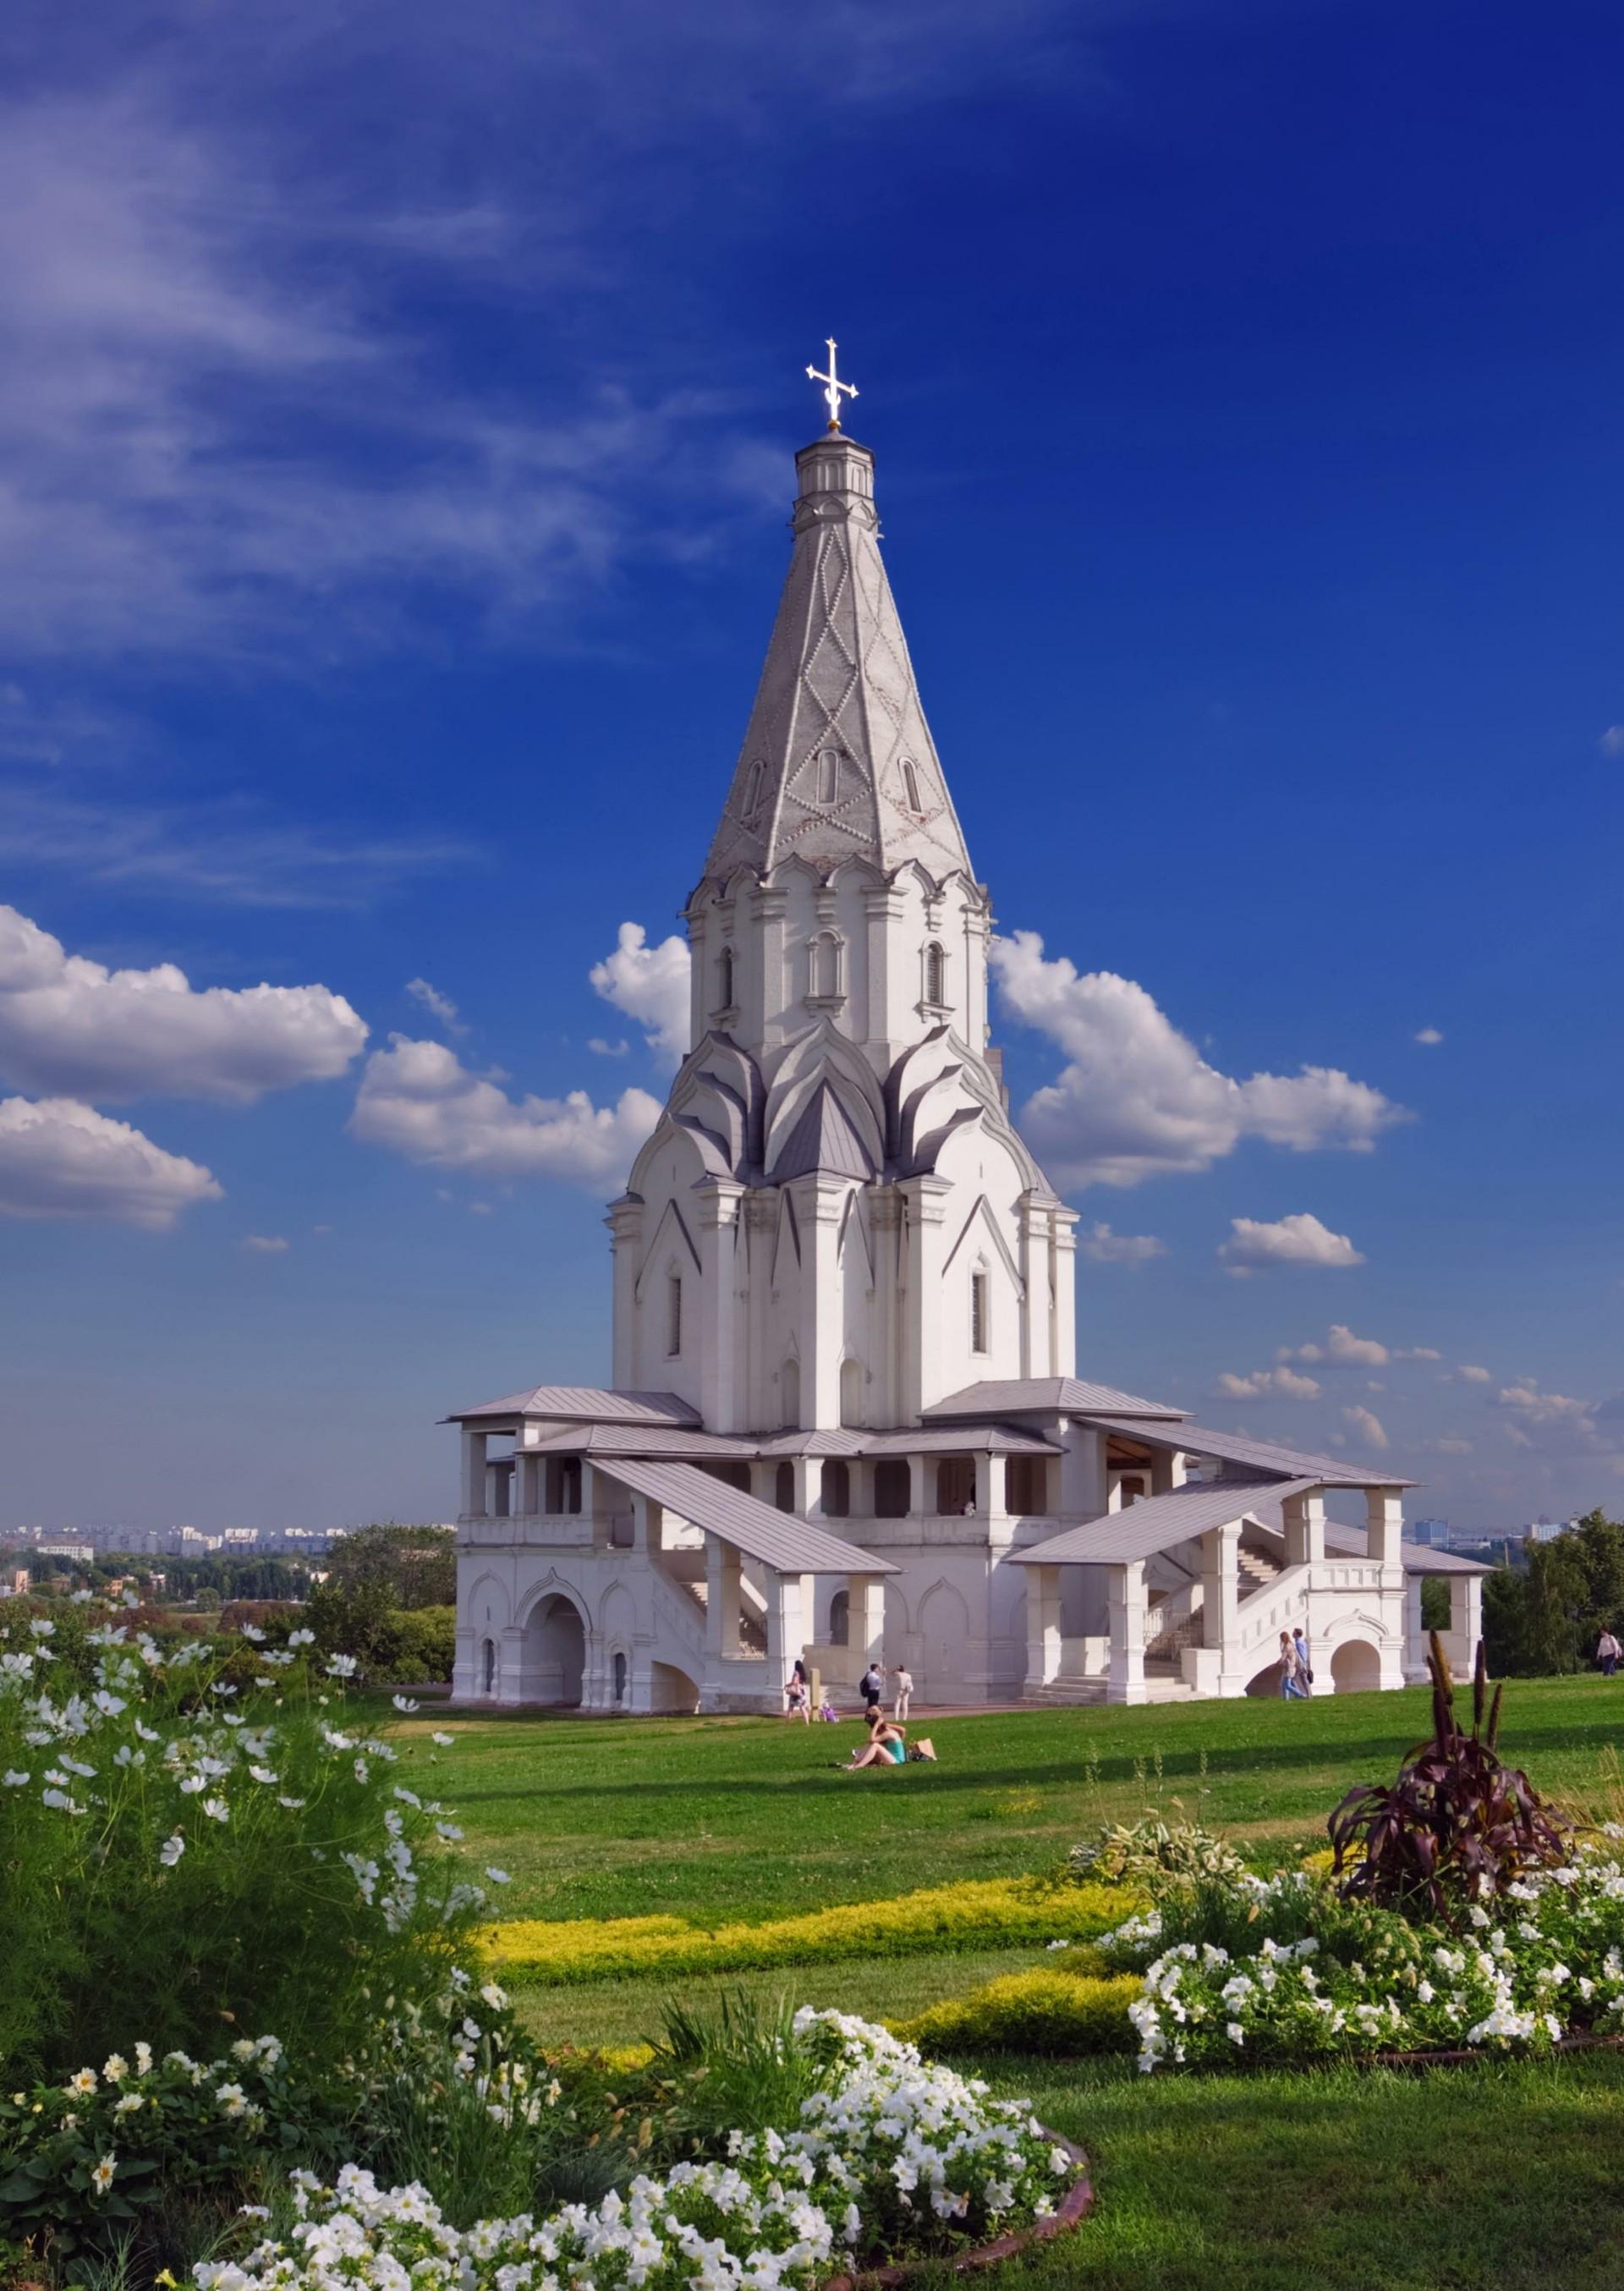 Iglesia de la Ascensión en el parque Kolómenskoye.